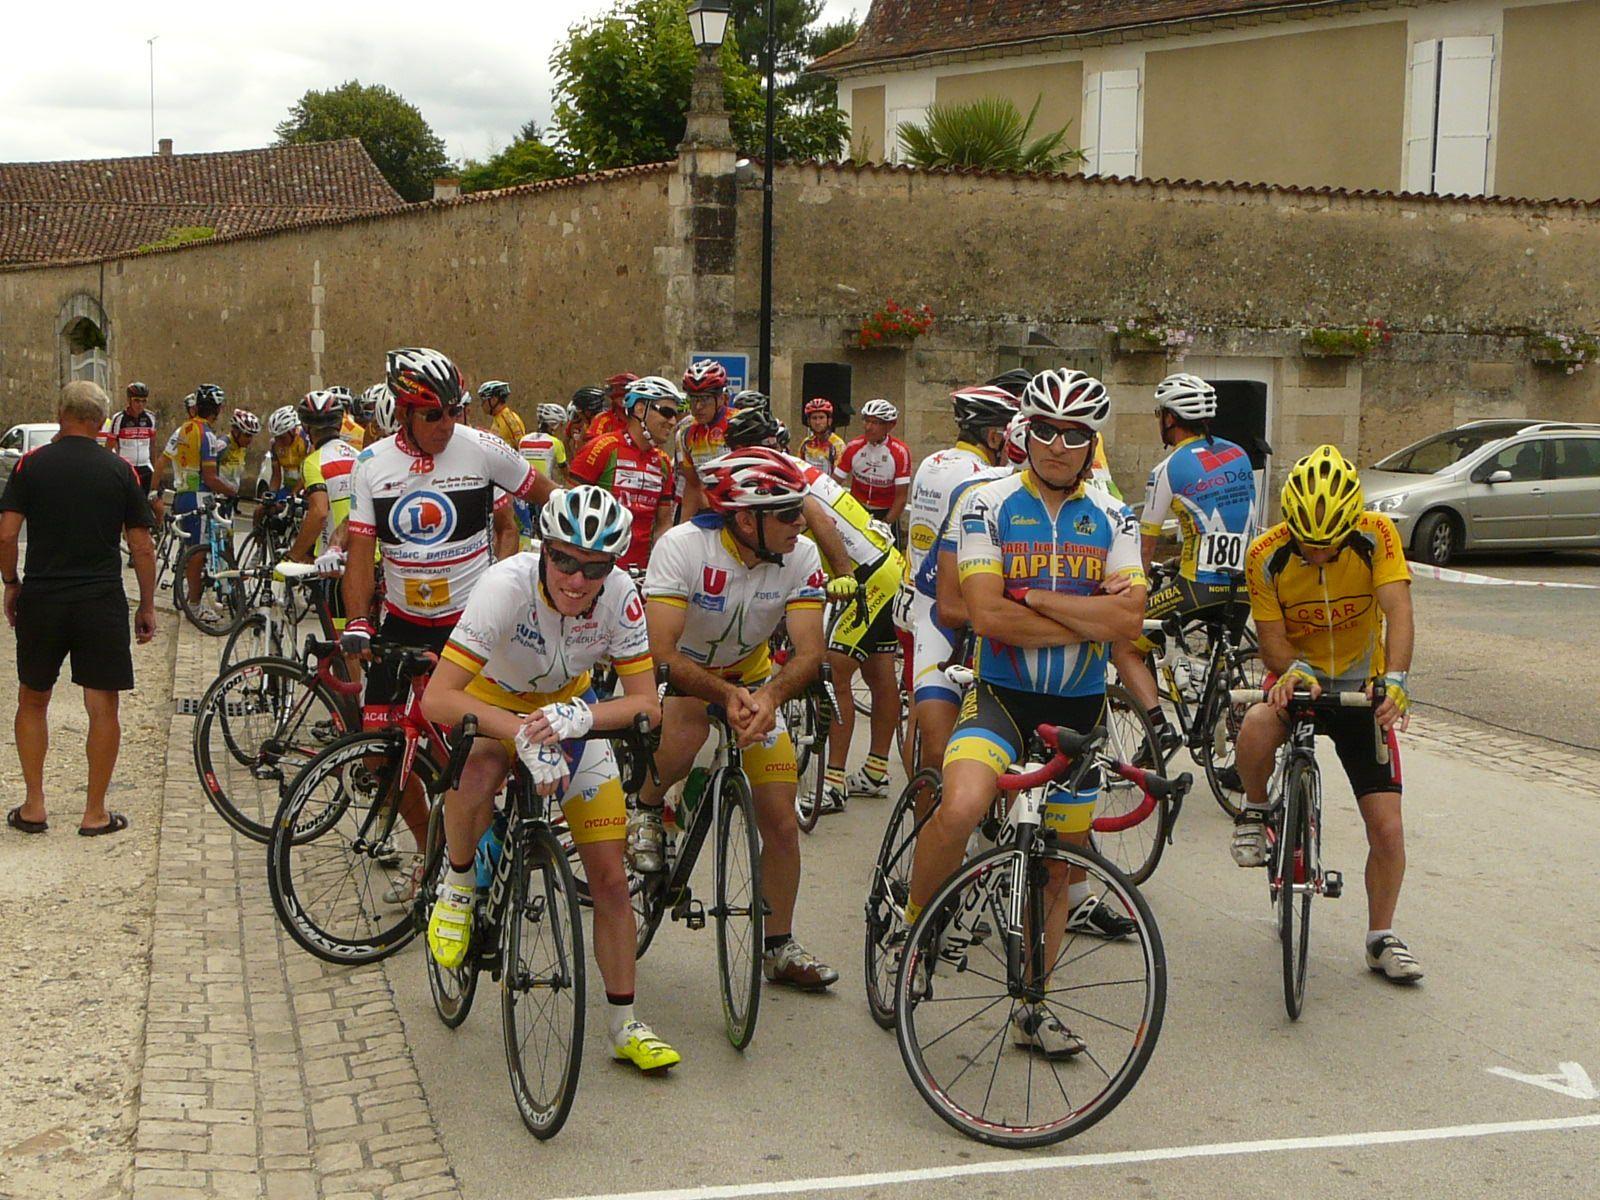 Cyclosport Vanxains : Didier 3e, Michel et Lorry dans le peloton